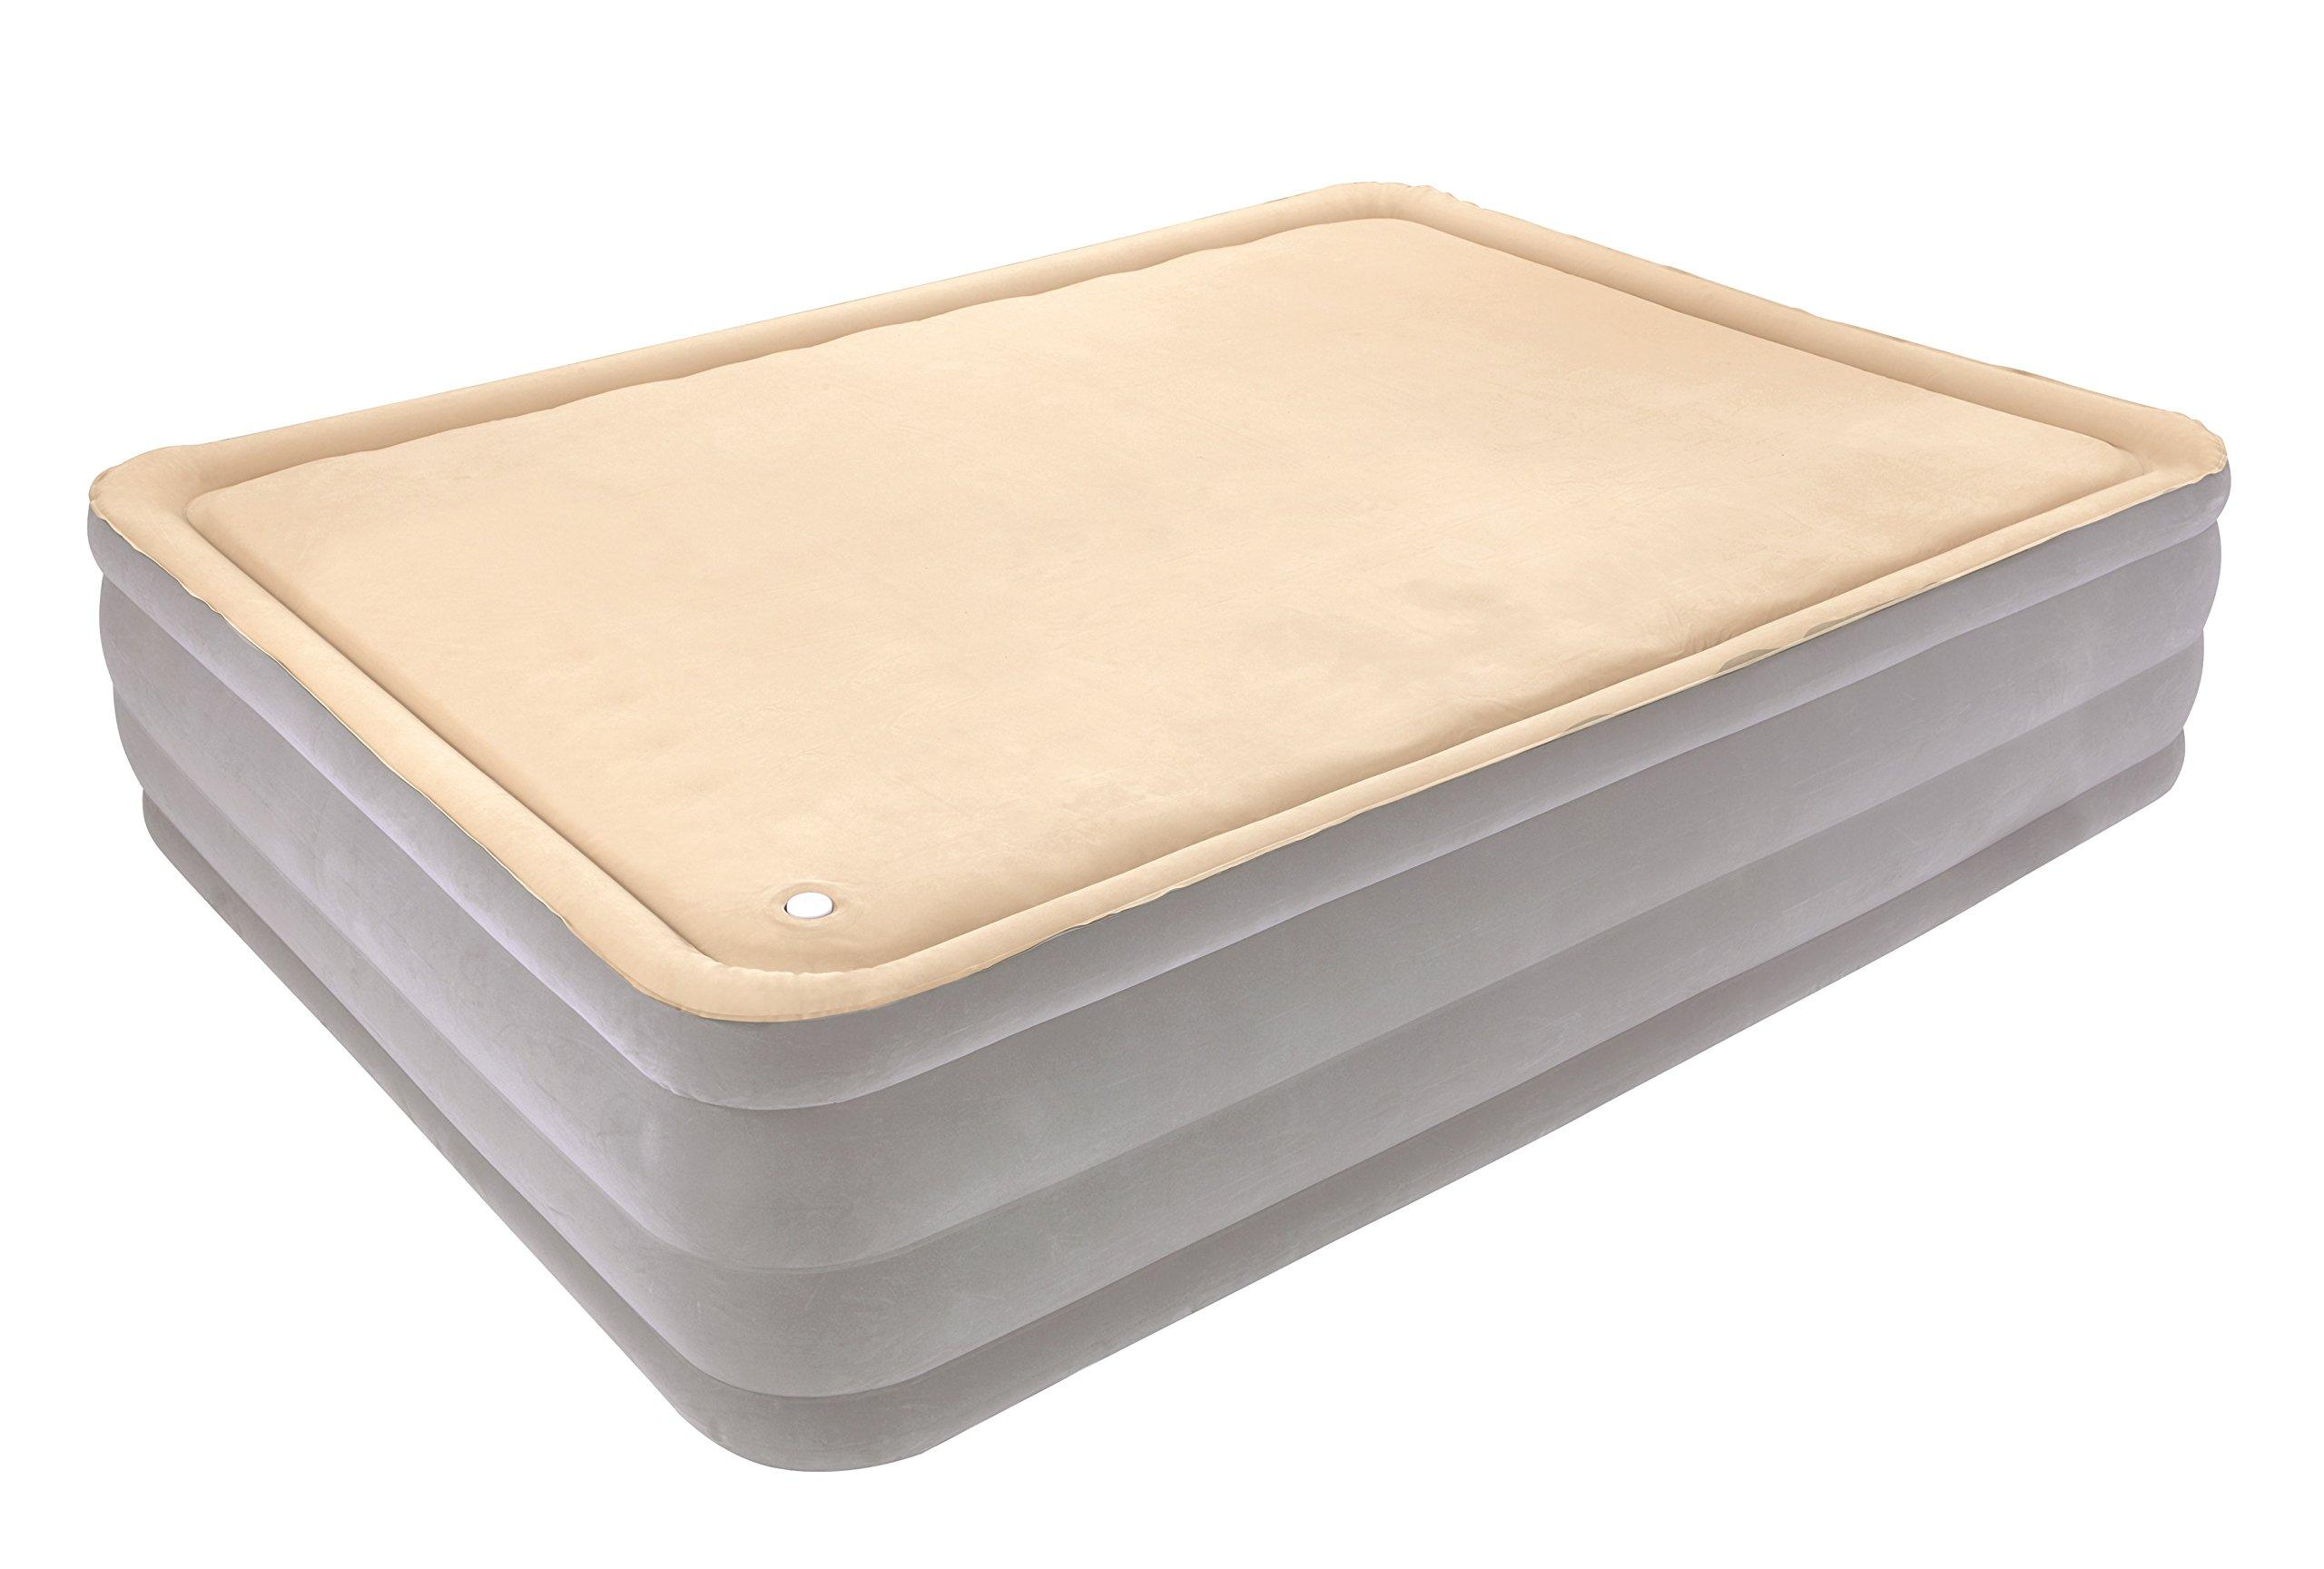 Bestway Foamtop Comfort Raised Air Bed